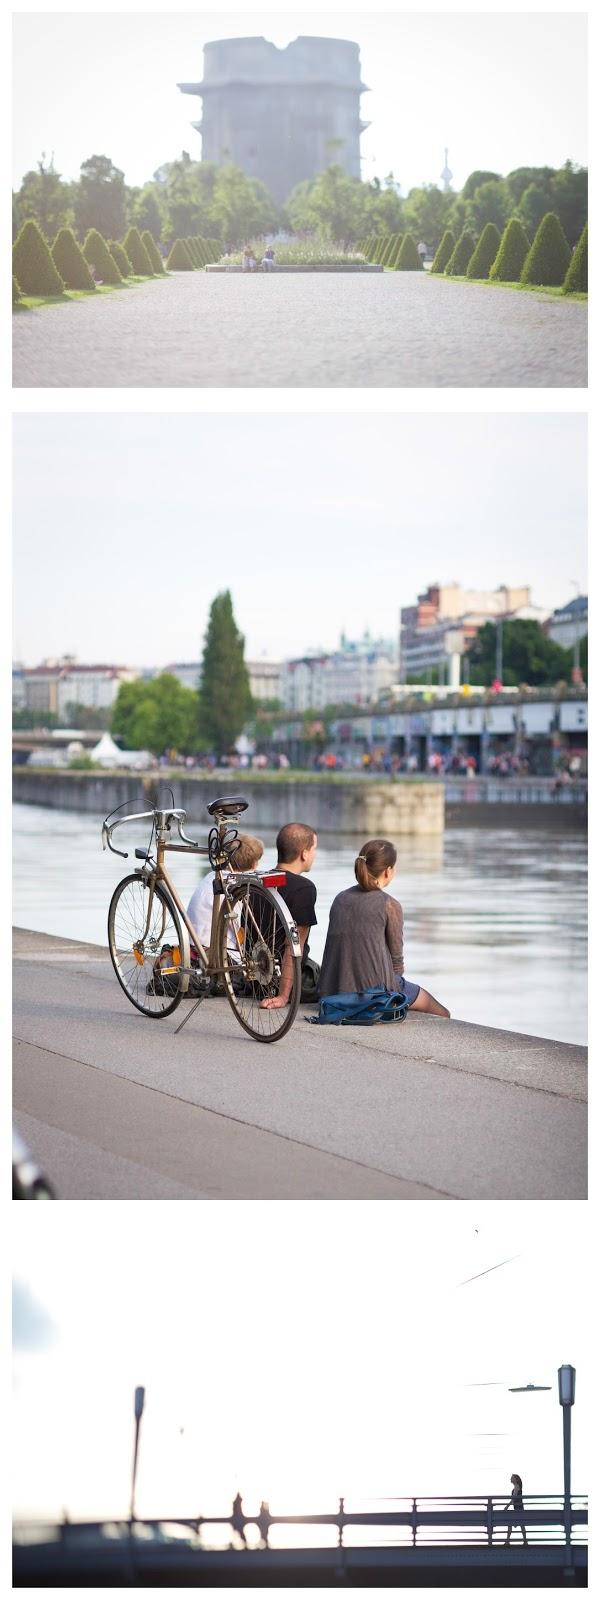 © 2013 Annewil Stroo | Vienna